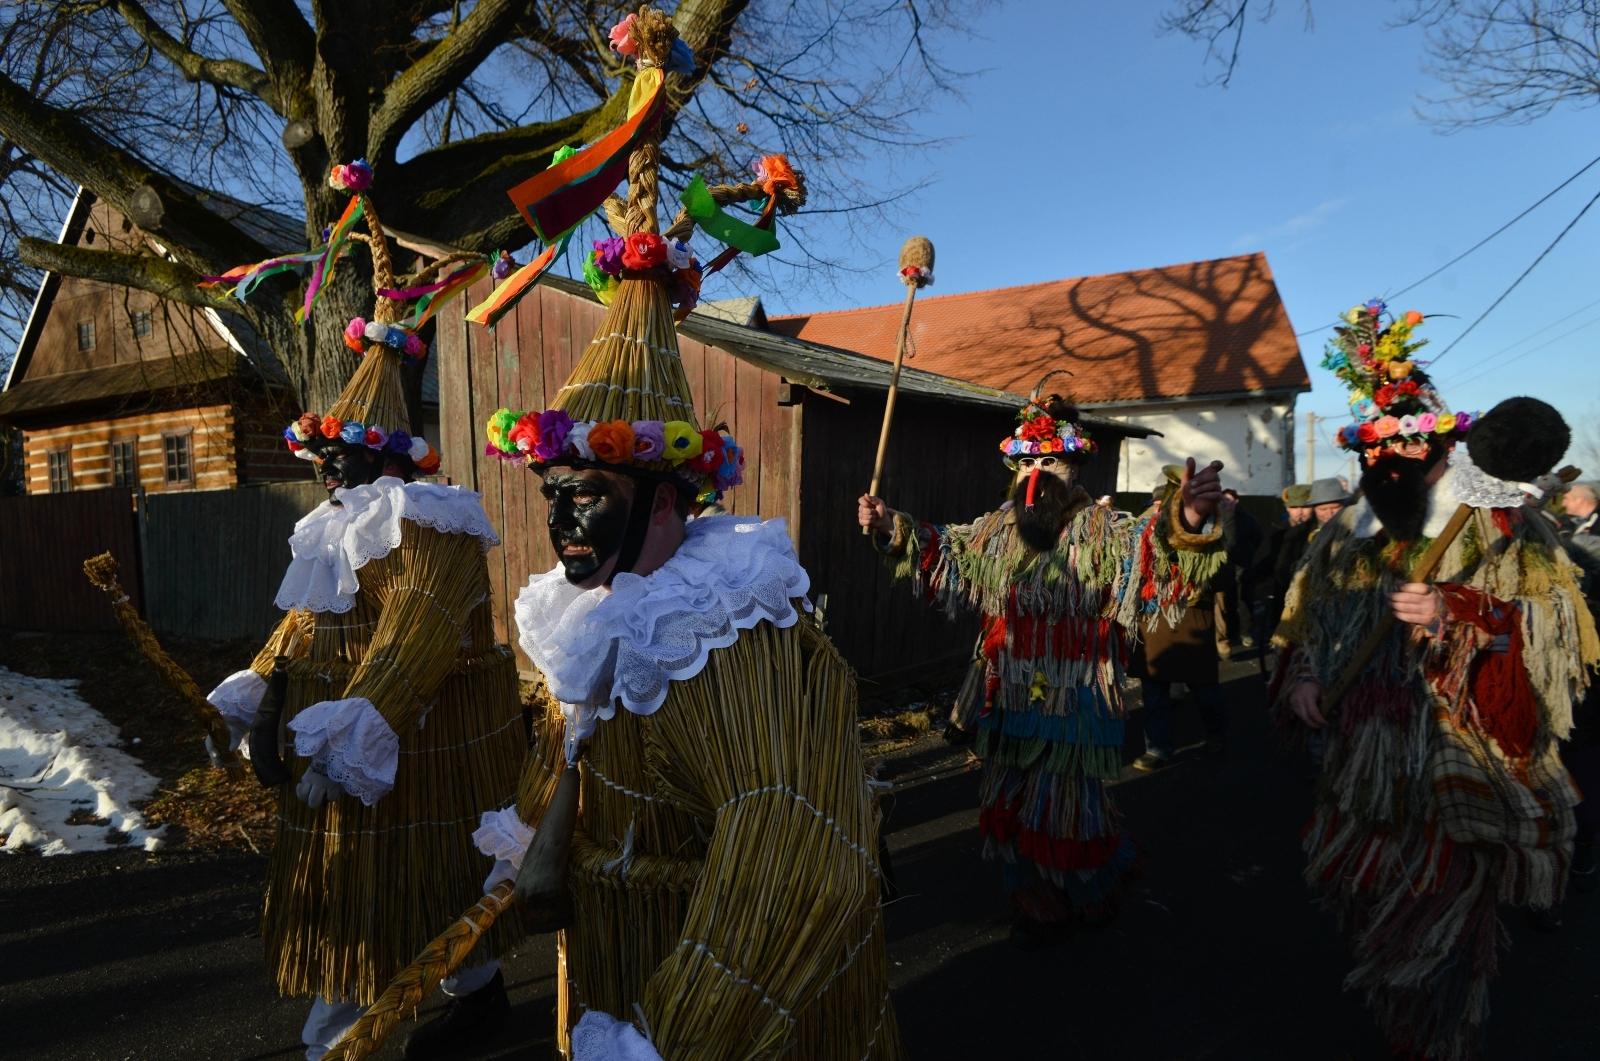 Masopust carnival